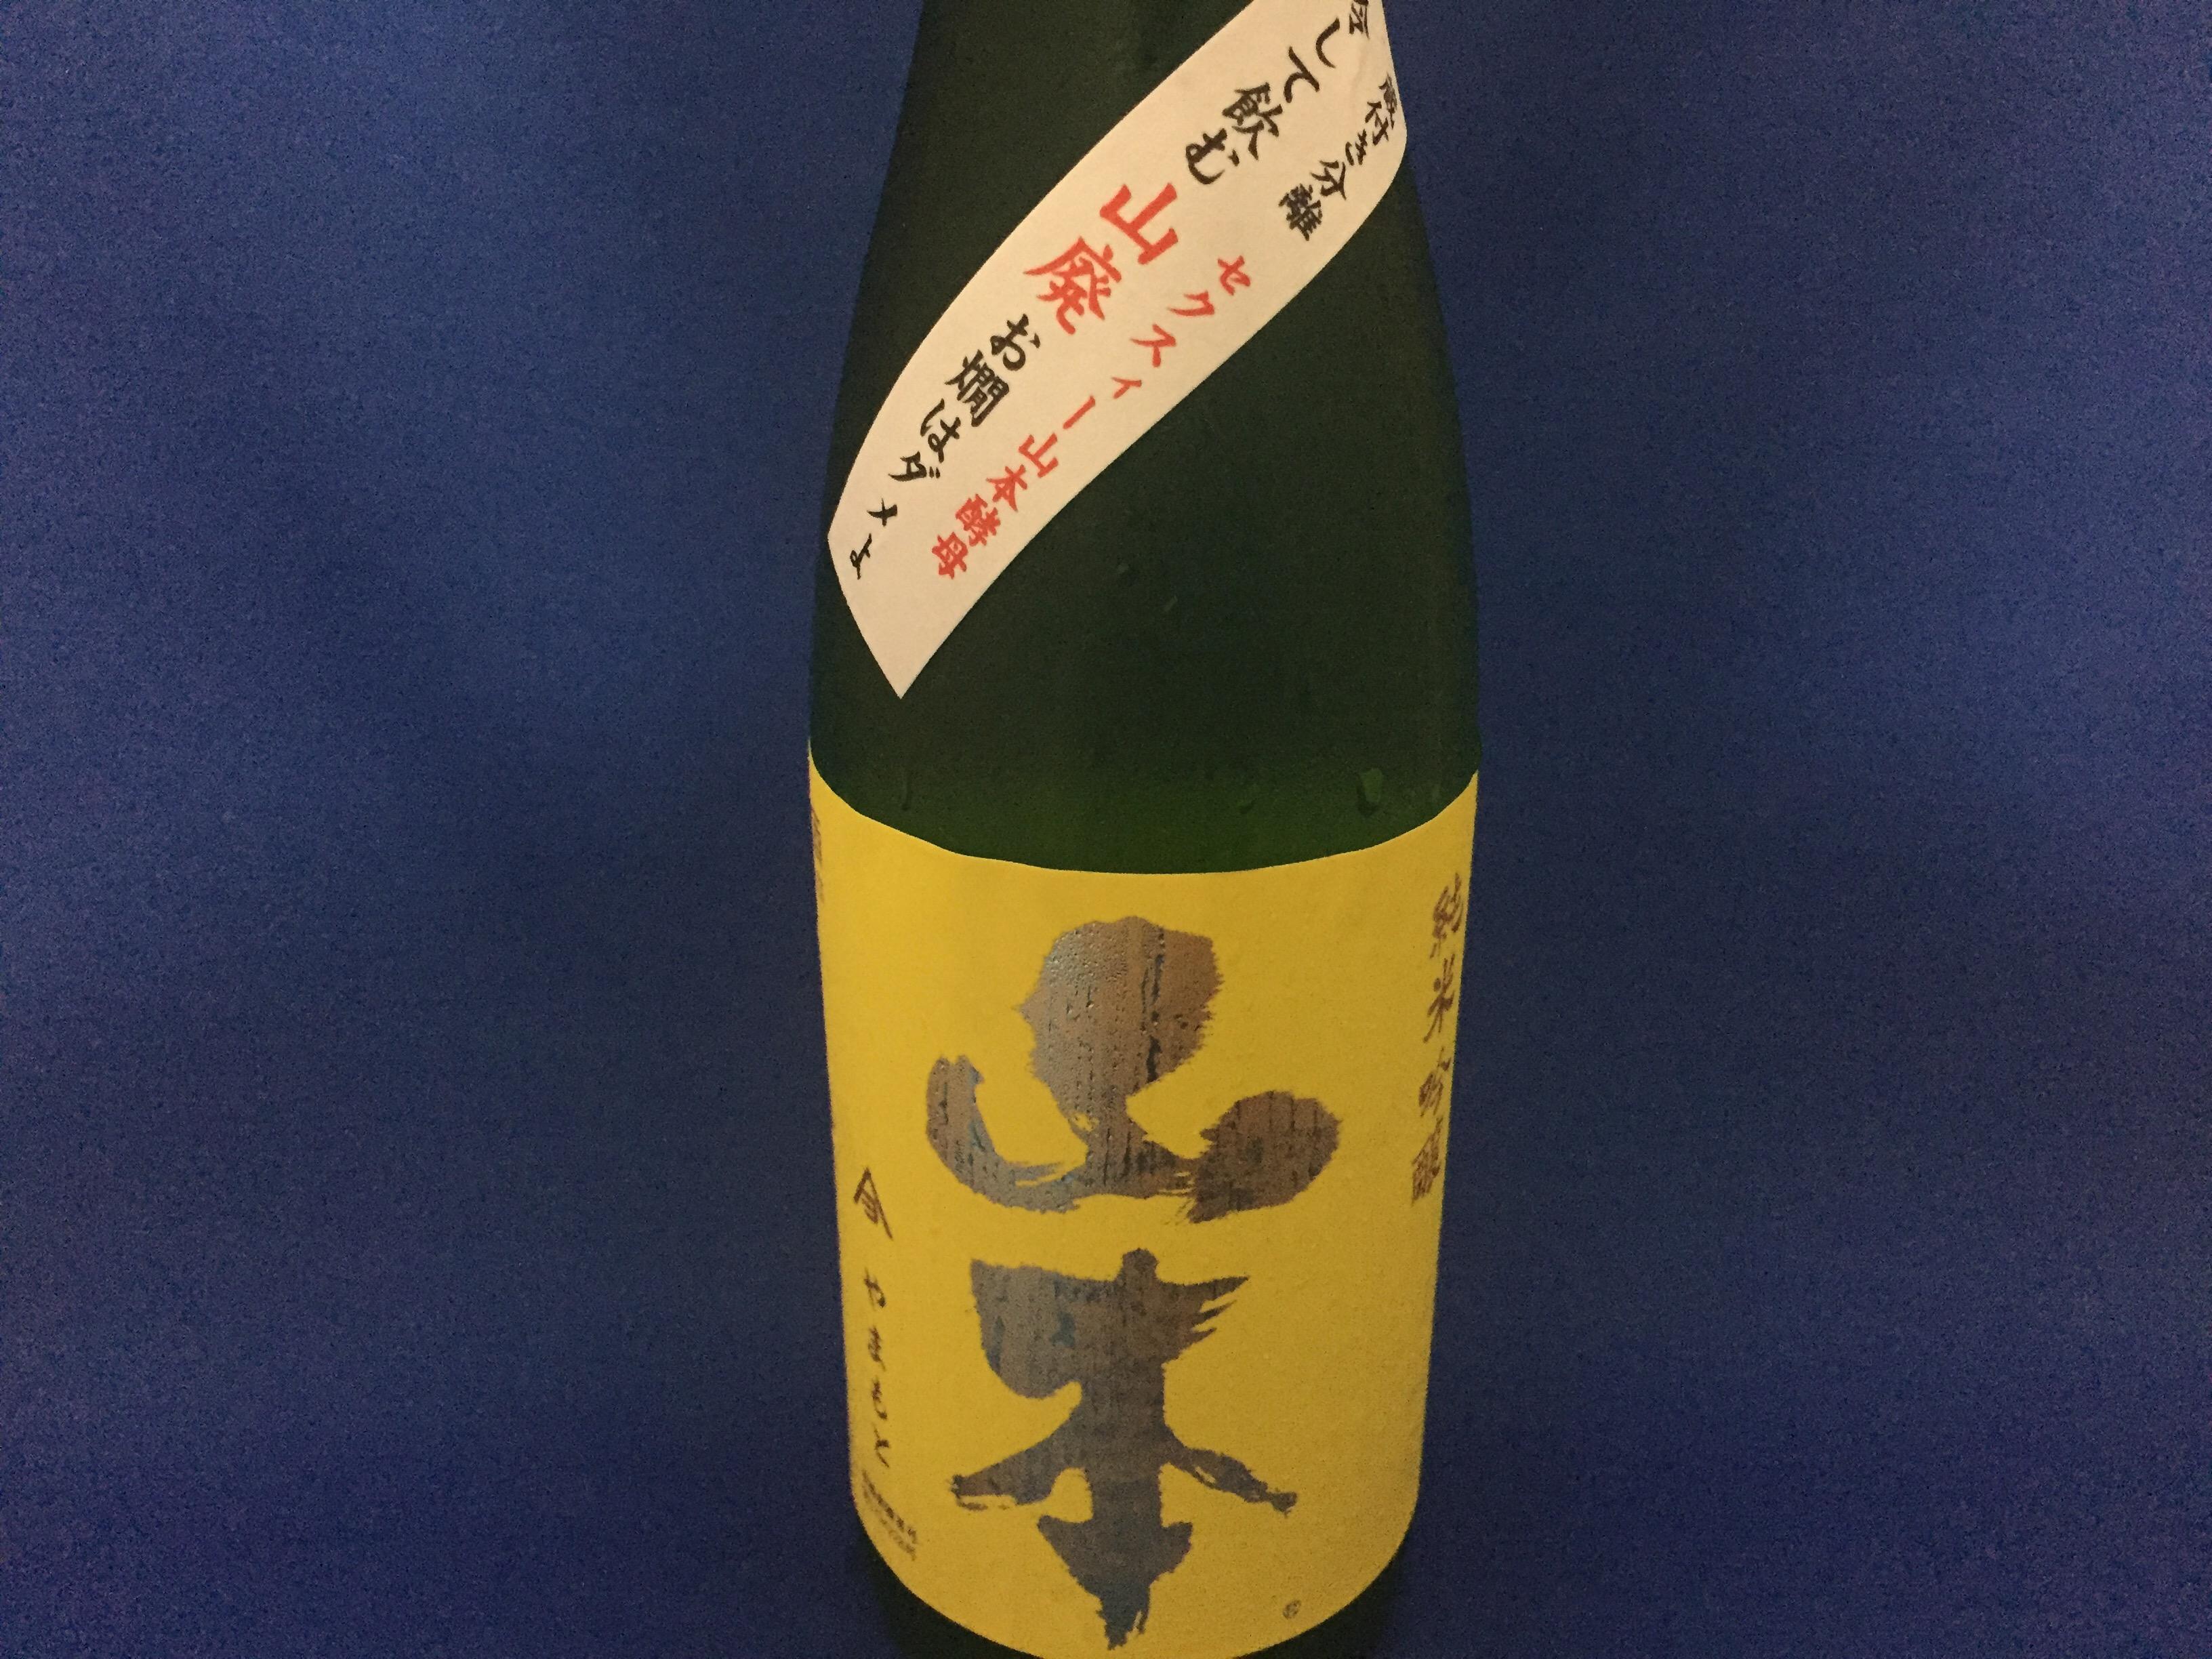 セクスィー山本酵母がお仕置きよ!?黄色いラベルの刺激的な日本酒「山本 純米吟醸」